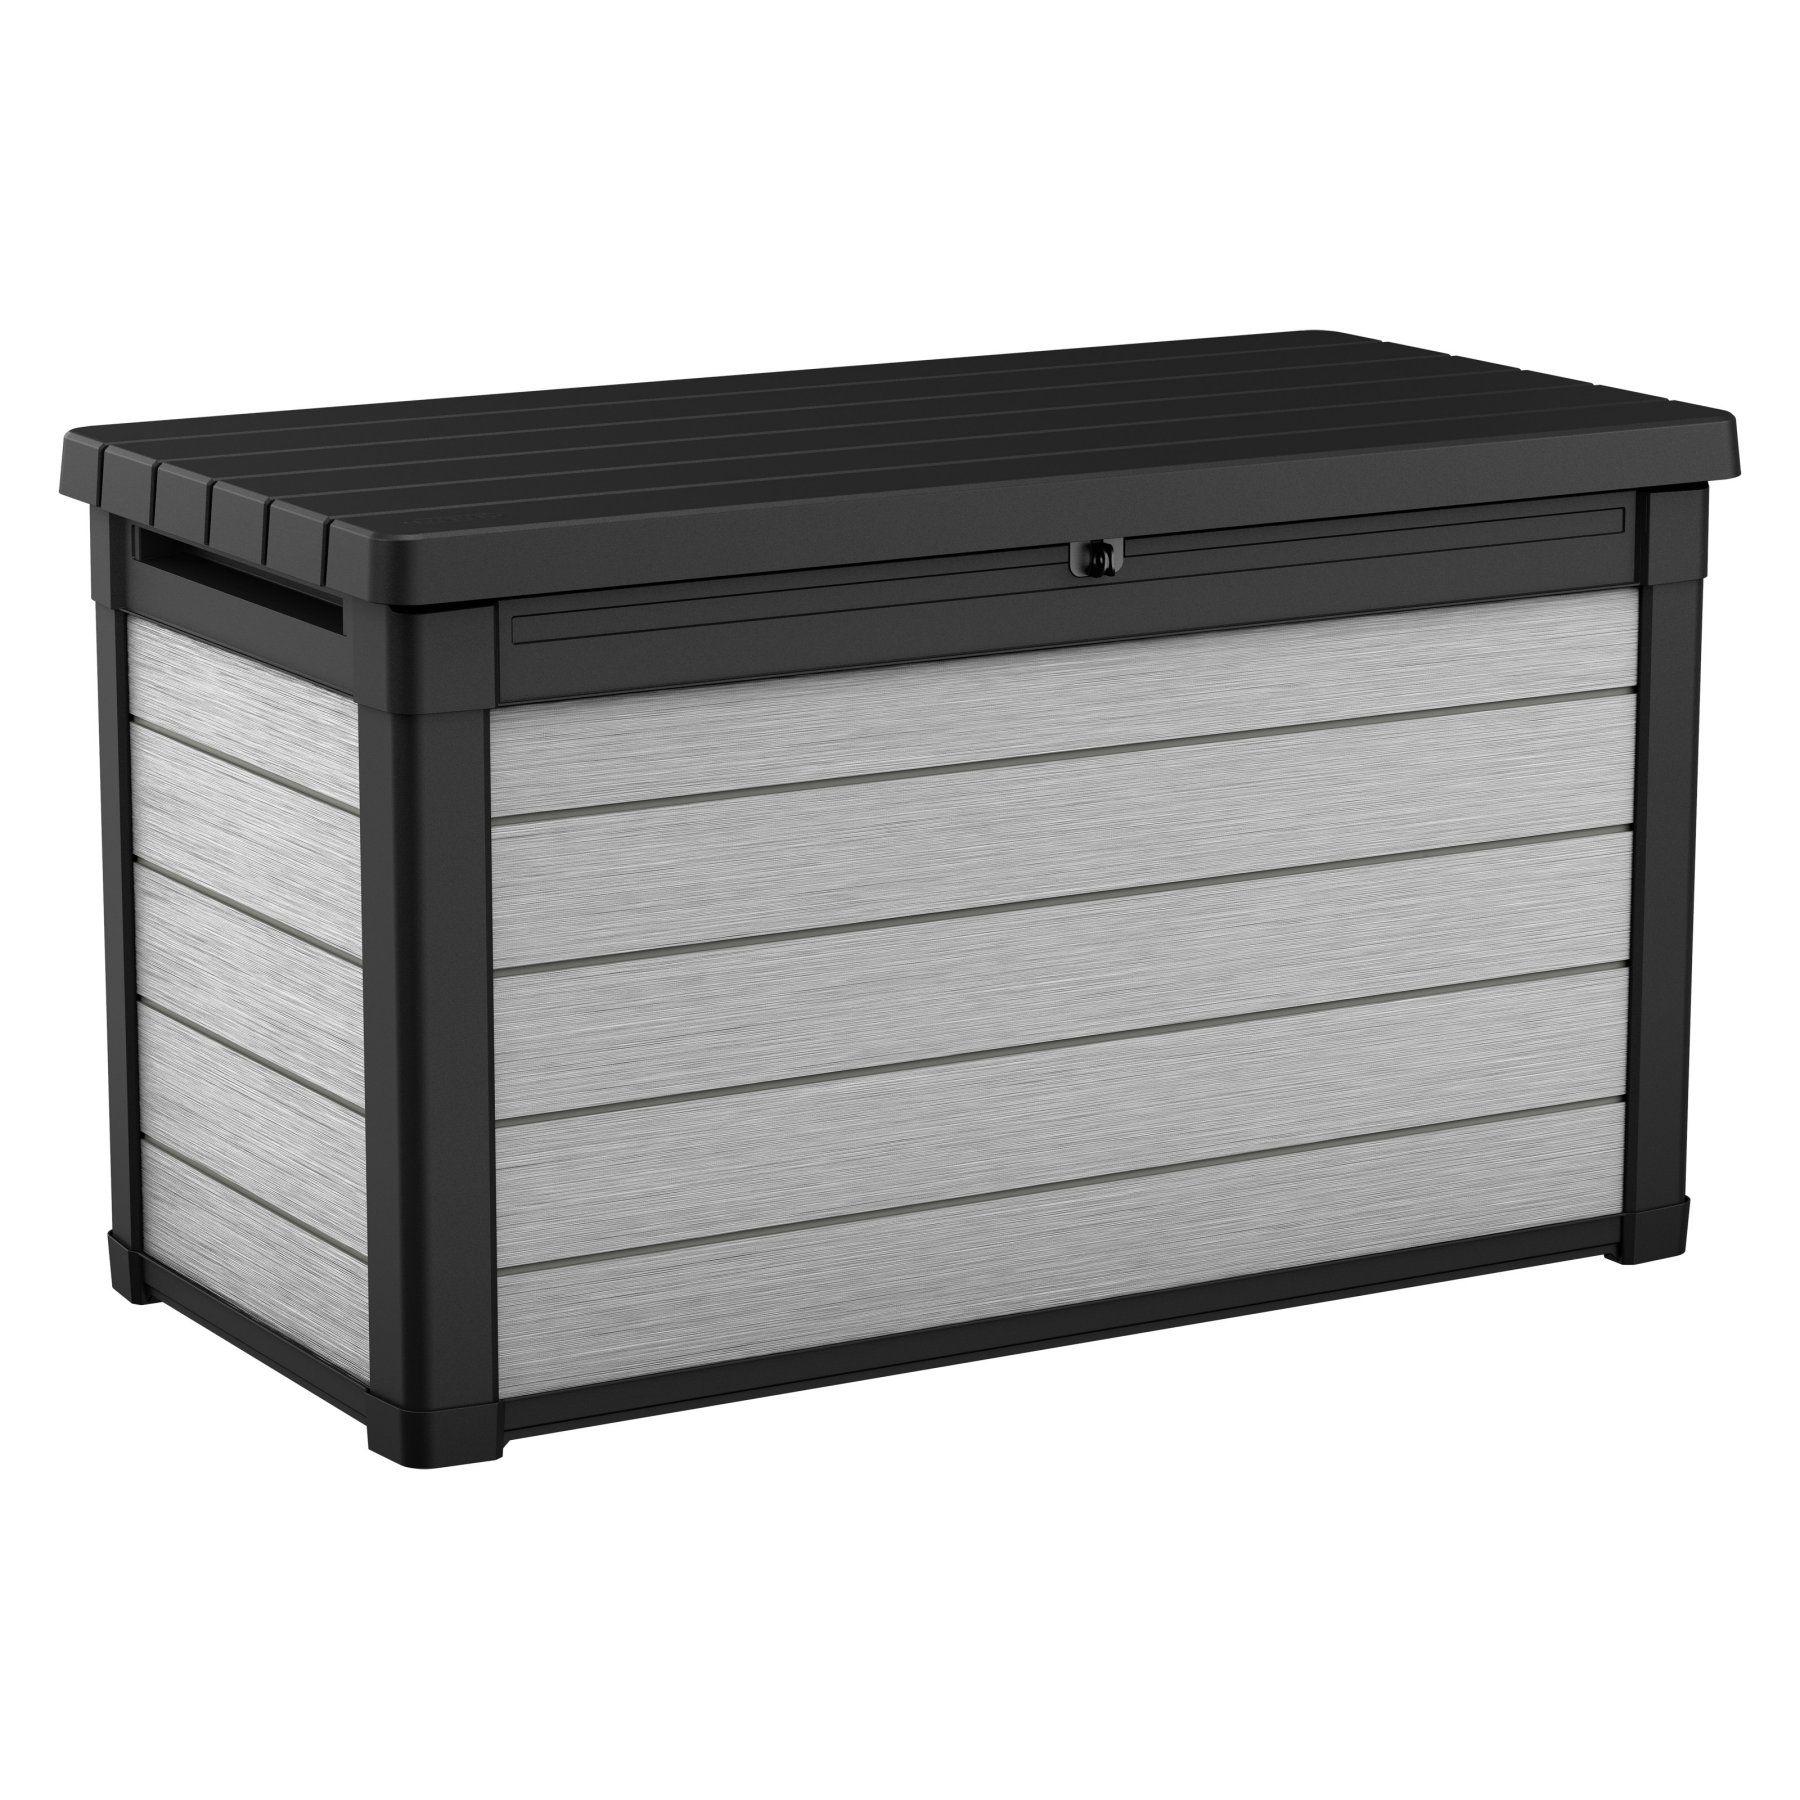 Keter Denali 100 Gallon Deck Box Patio Storage Deck Box